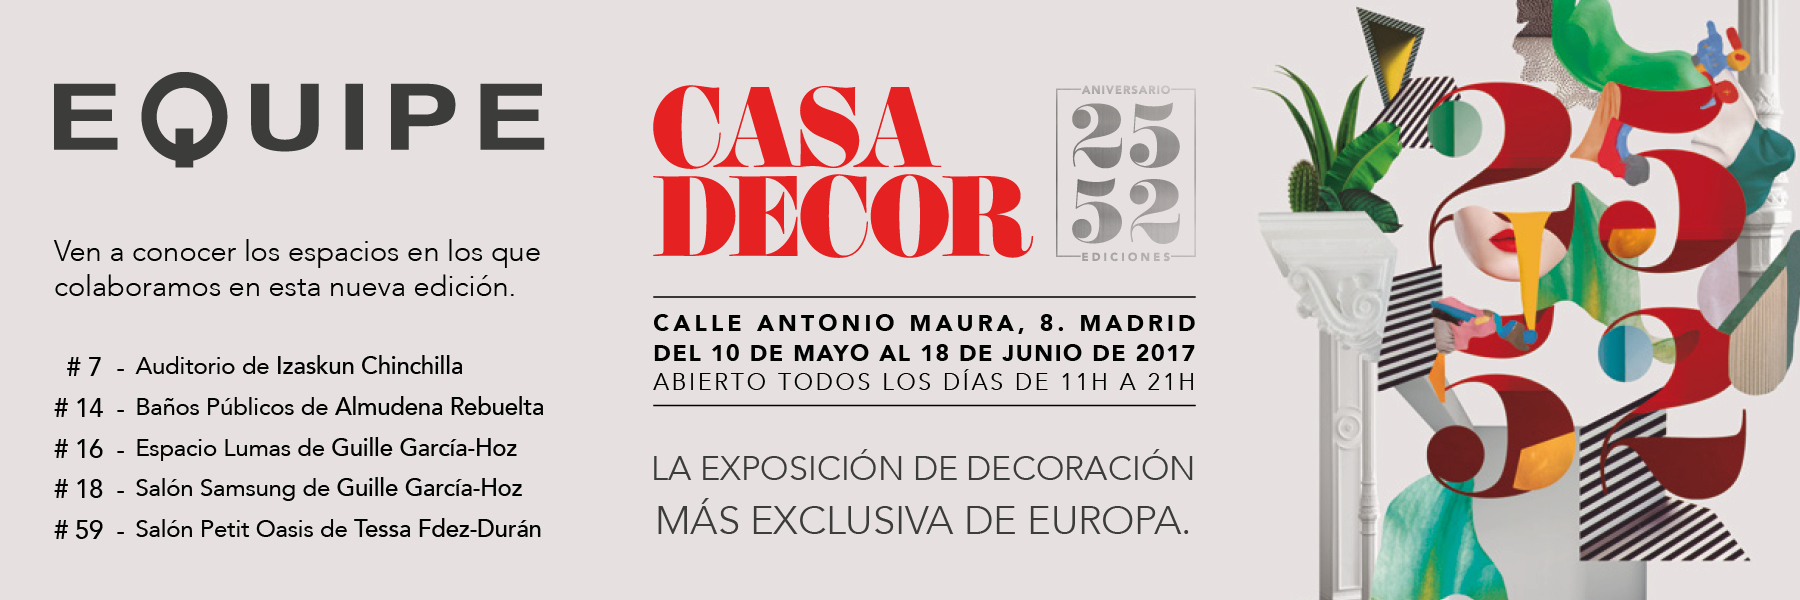 CasaDecor17_Equipe_web_rectang